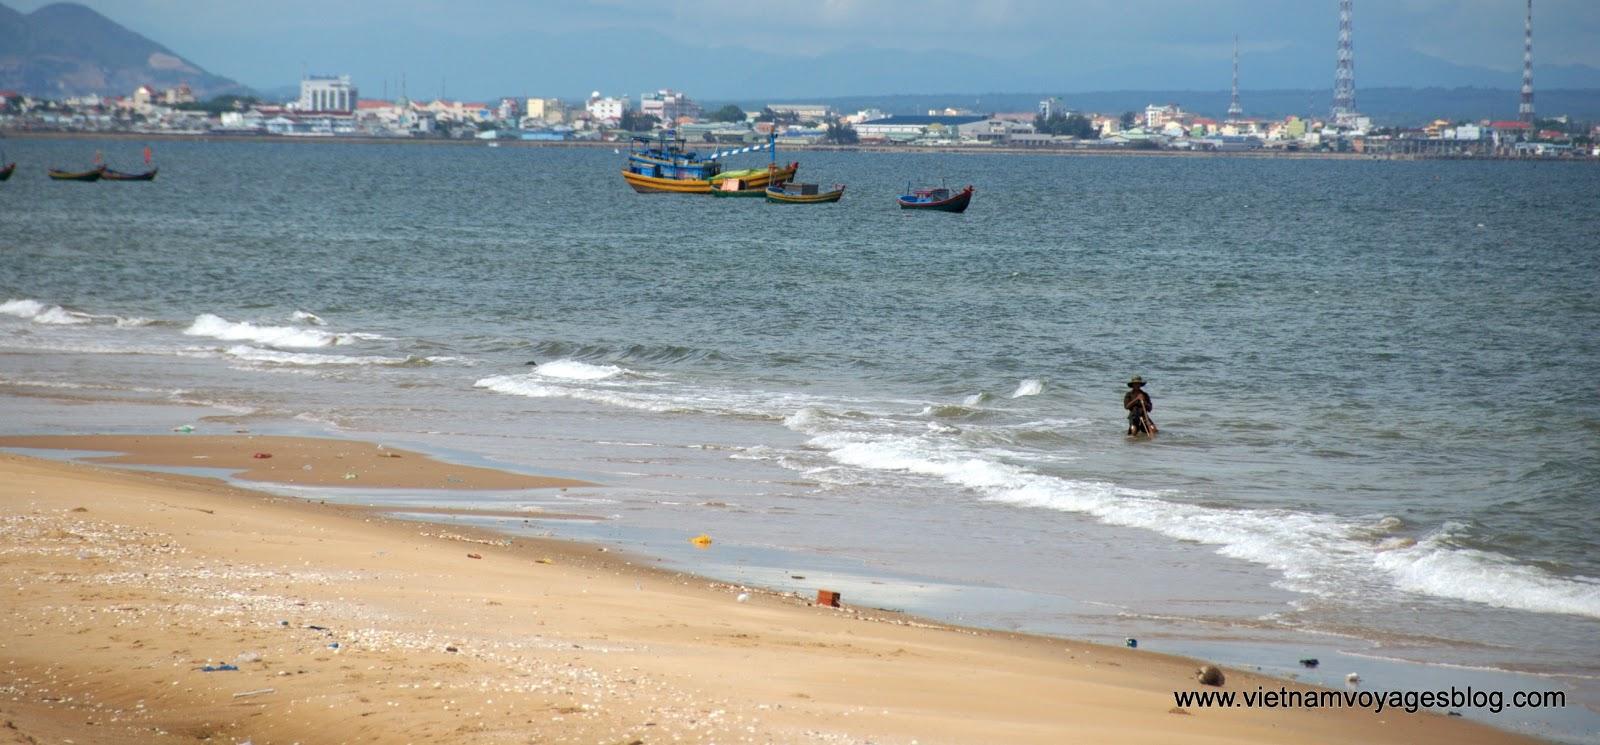 Du lịch biển Hàm Thuận Nam, Bình Thuận